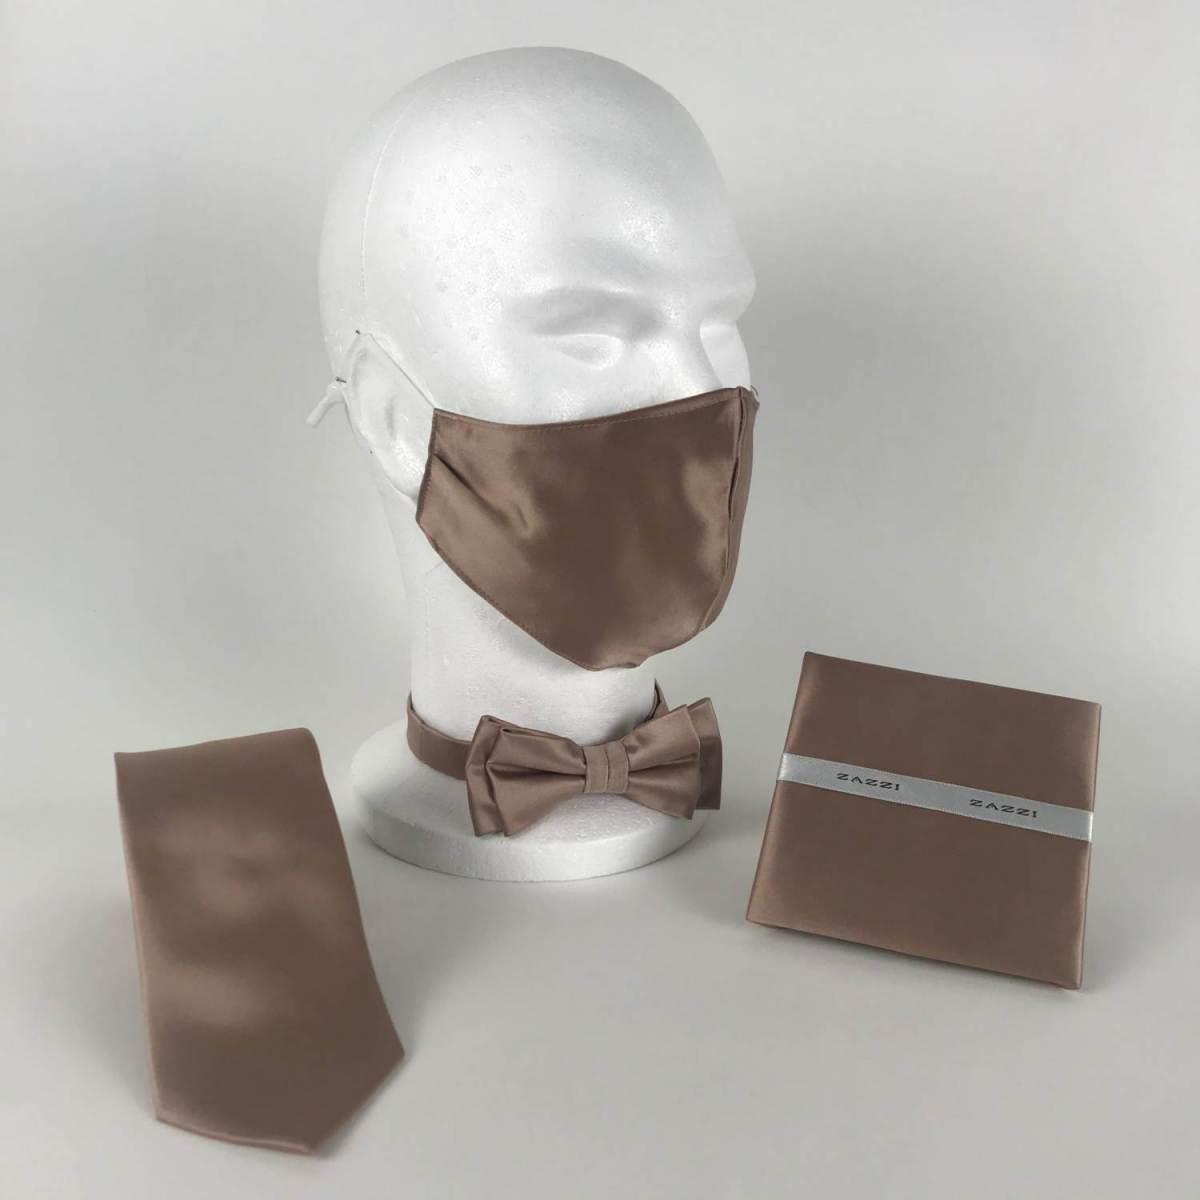 B1764 29 Beige FM. mens ties facemasks con murphys menswear cork scaled - - Con Murphys Menswear